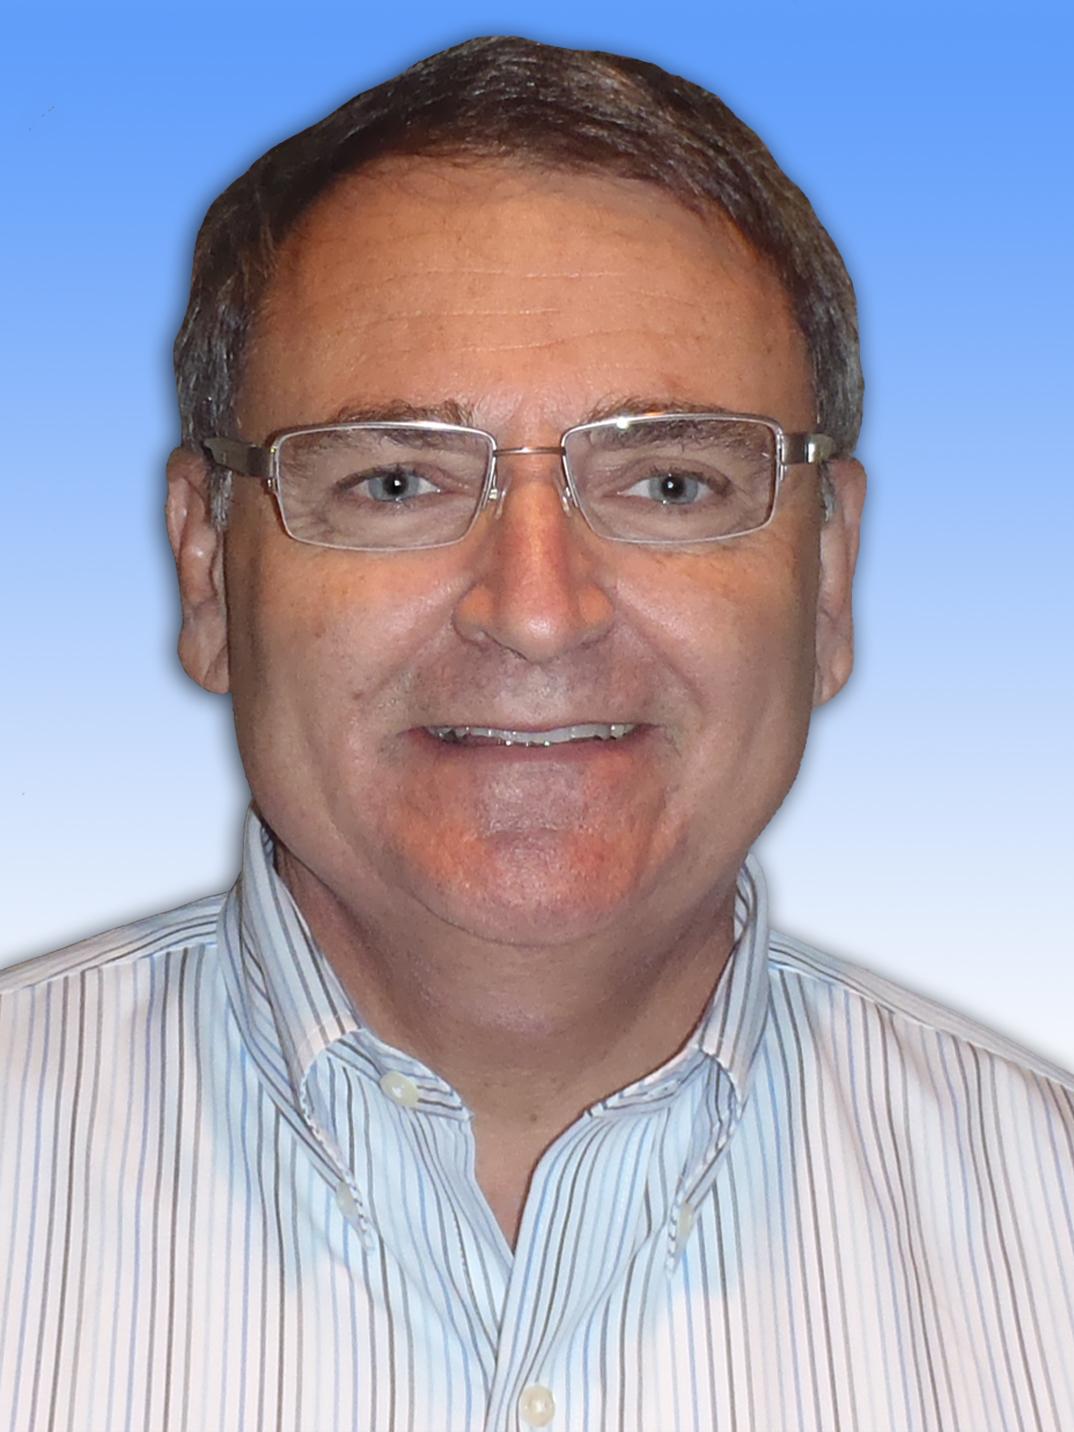 Carlo Luetto